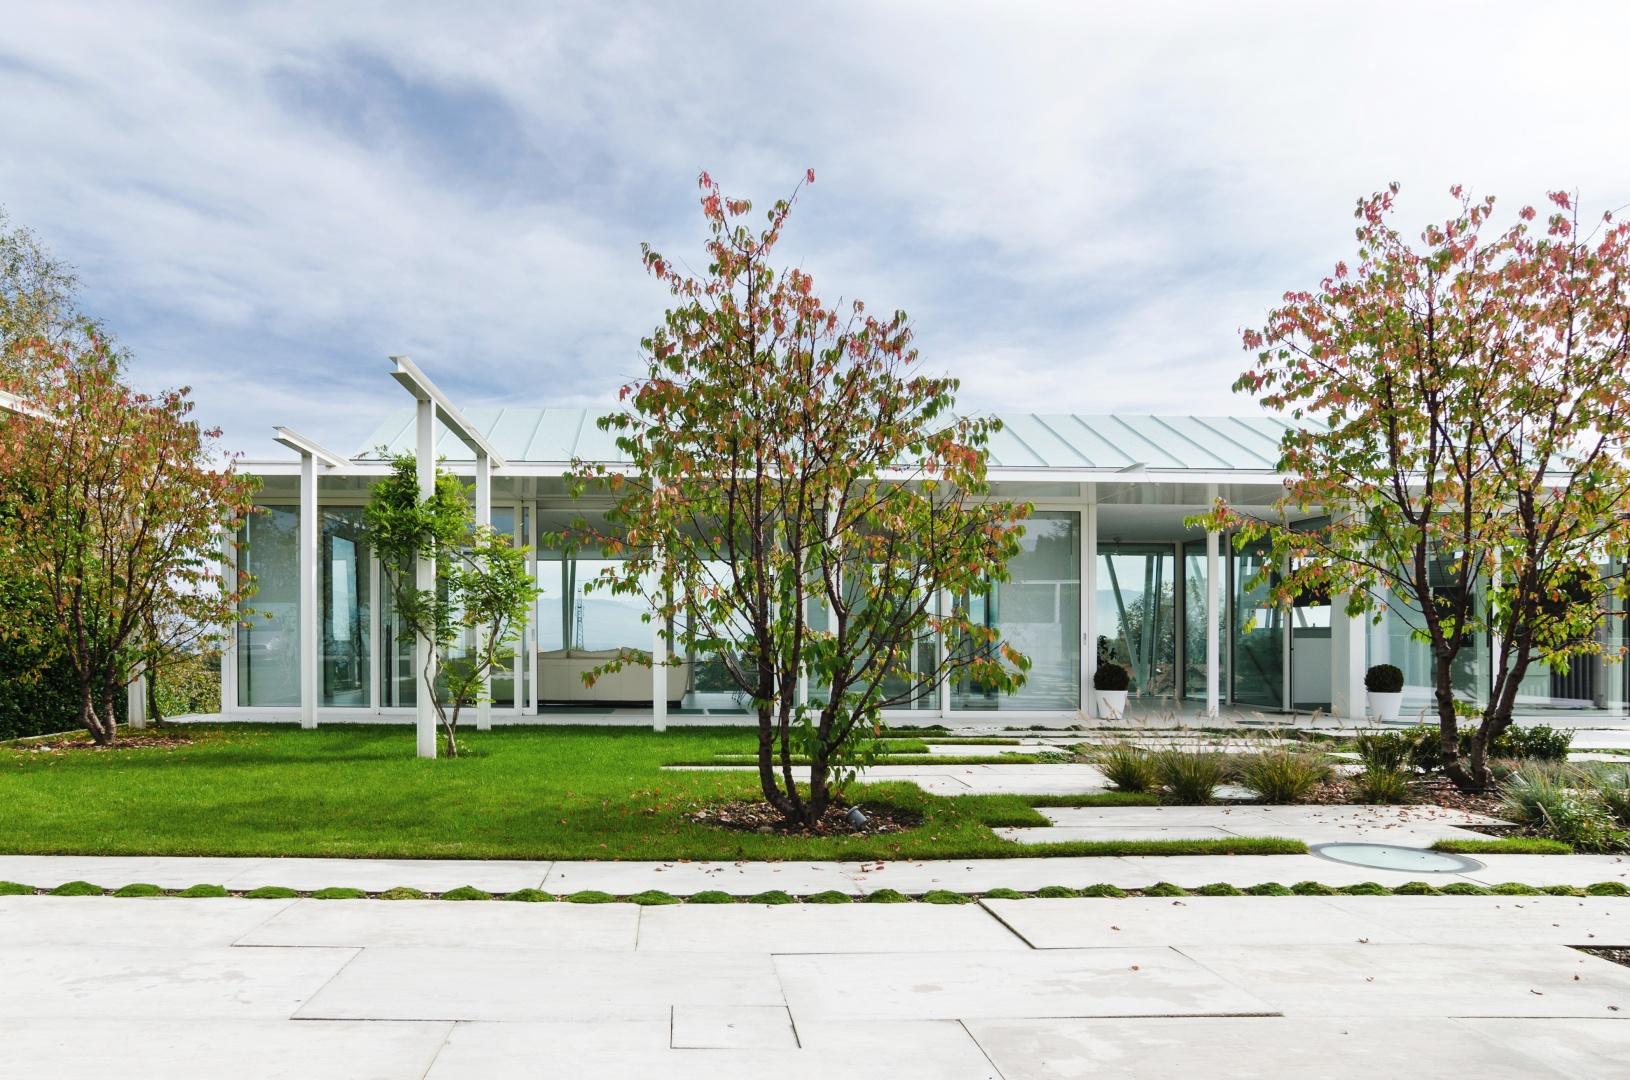 Maison Tazi-Riffi façade © NUGUES Samuel bureau Mangeat-Wahlen Architectes Associés Sarl